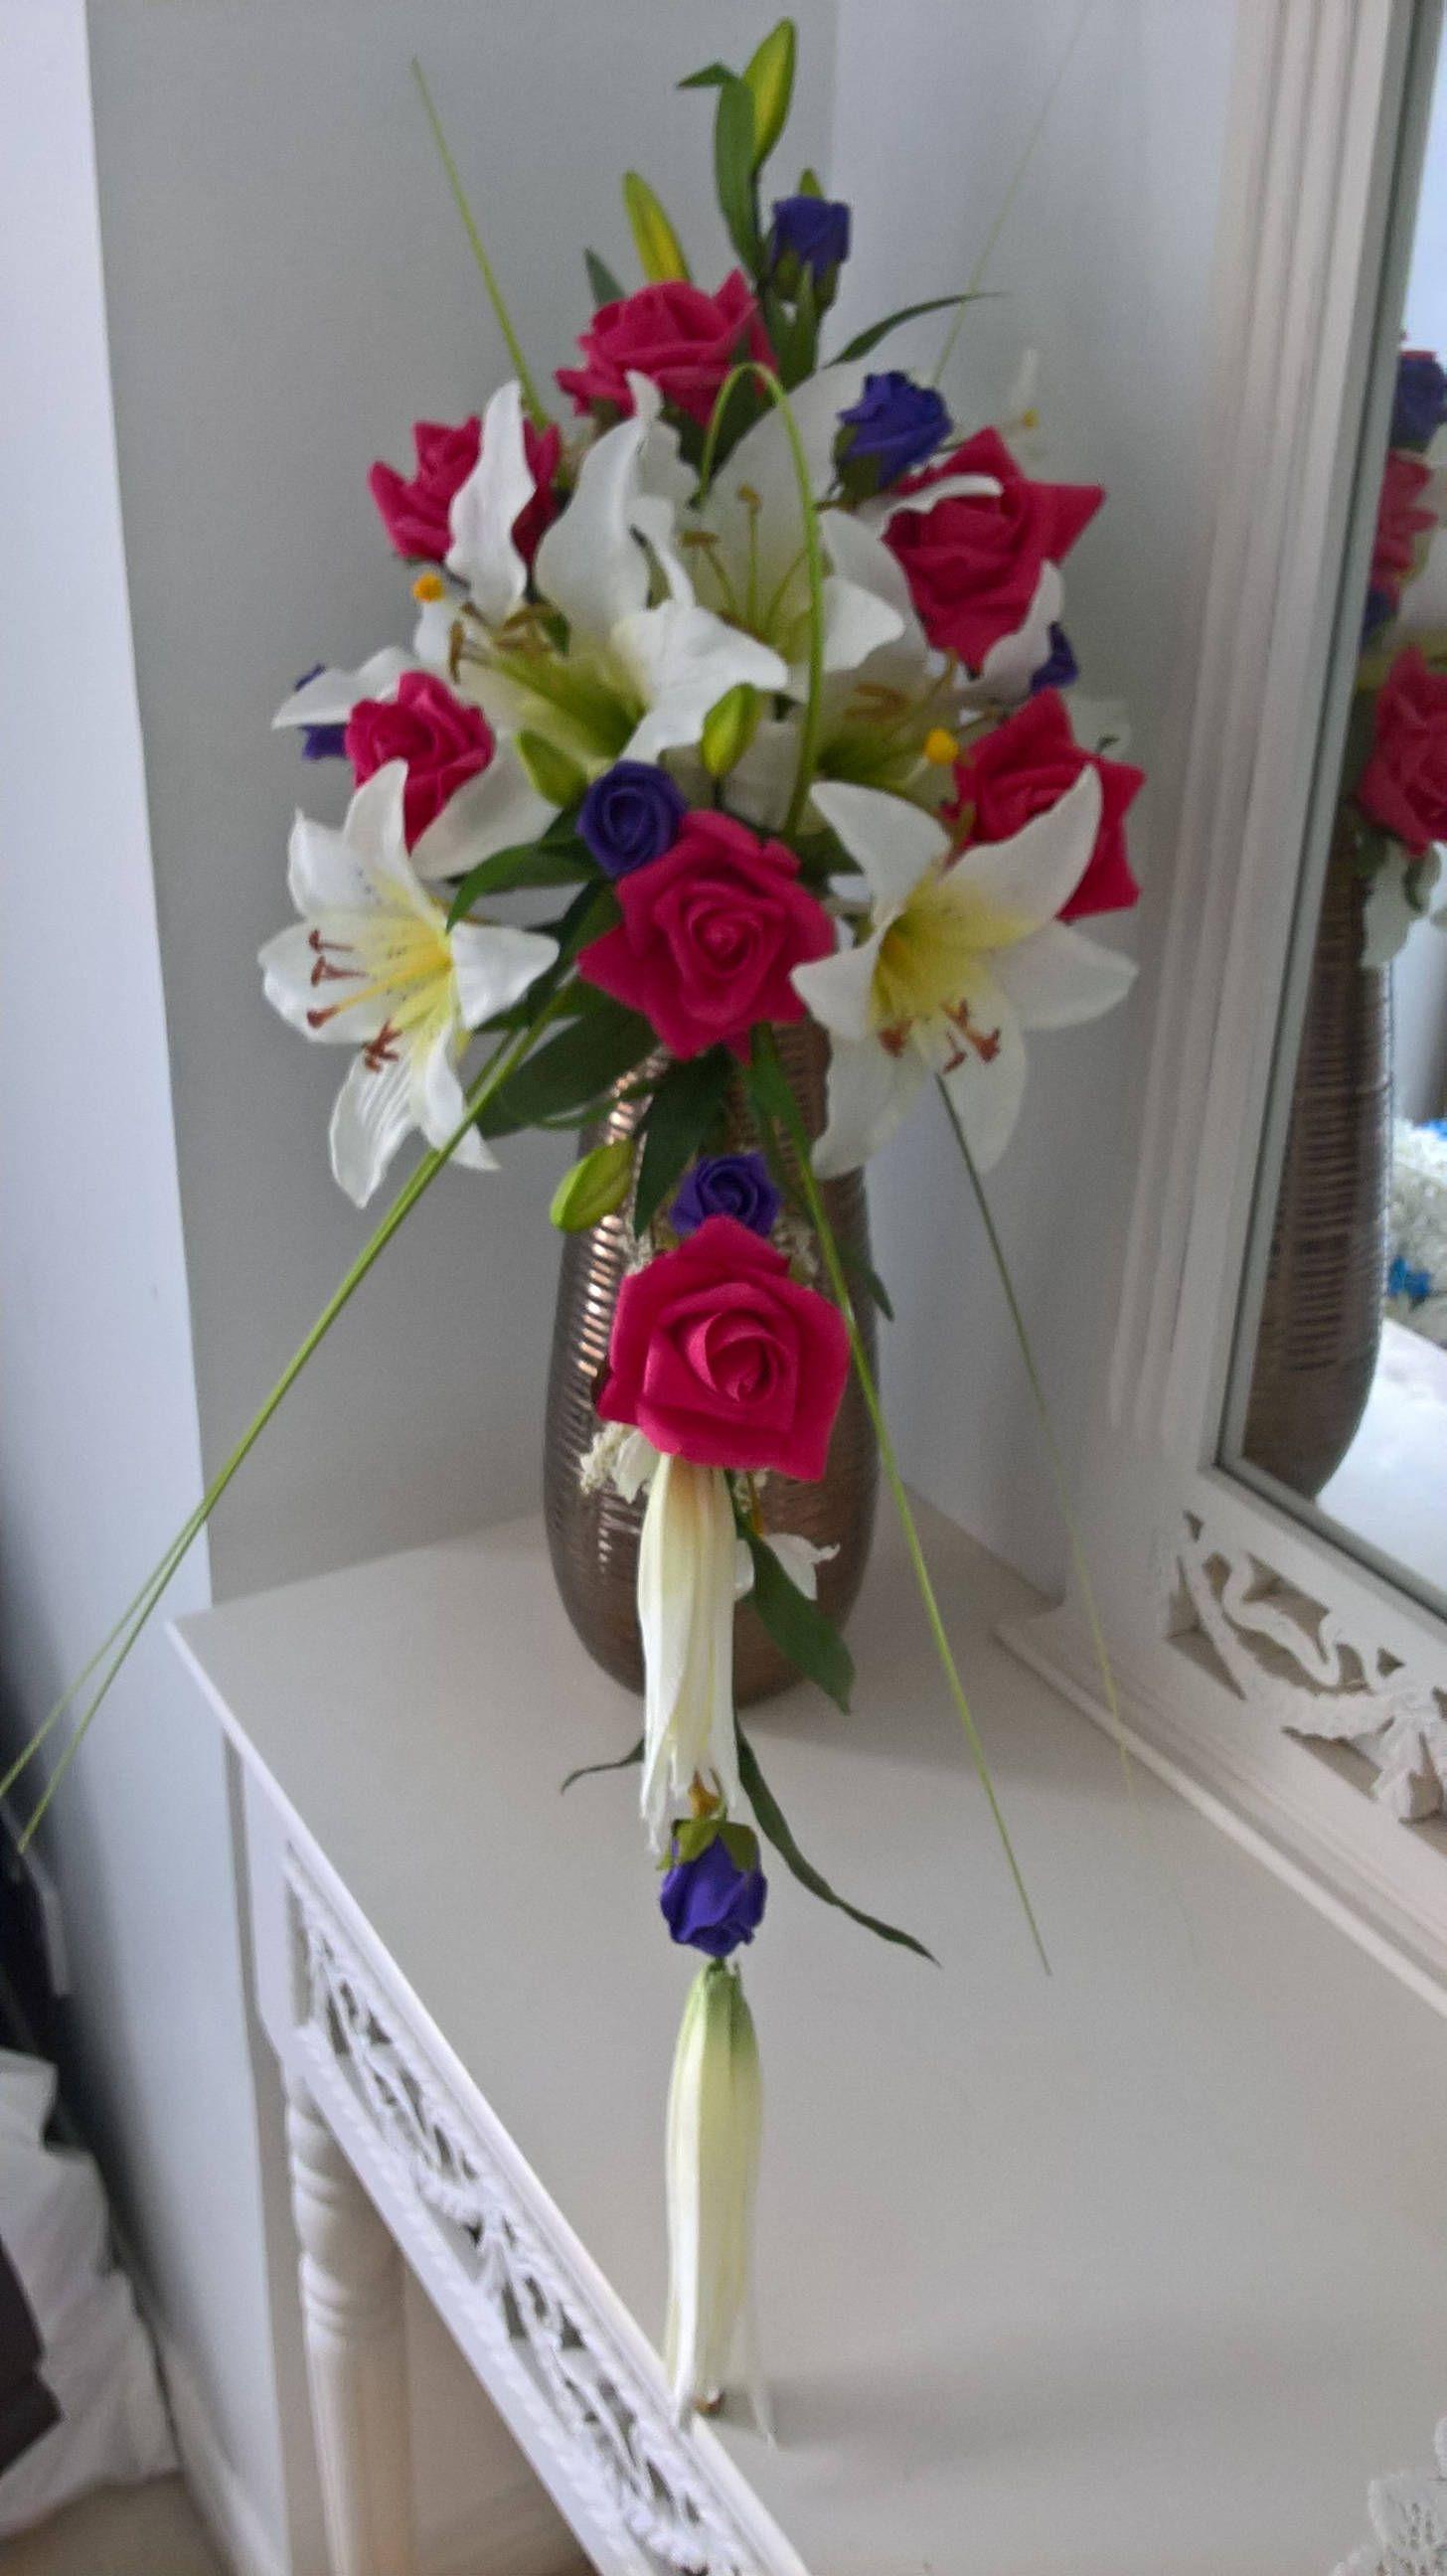 Wedding bouquet wedding flowers brides bouquet silktiger lilly wedding bouquet wedding flowers brides bouquet silktiger lilly raspberry roses izmirmasajfo